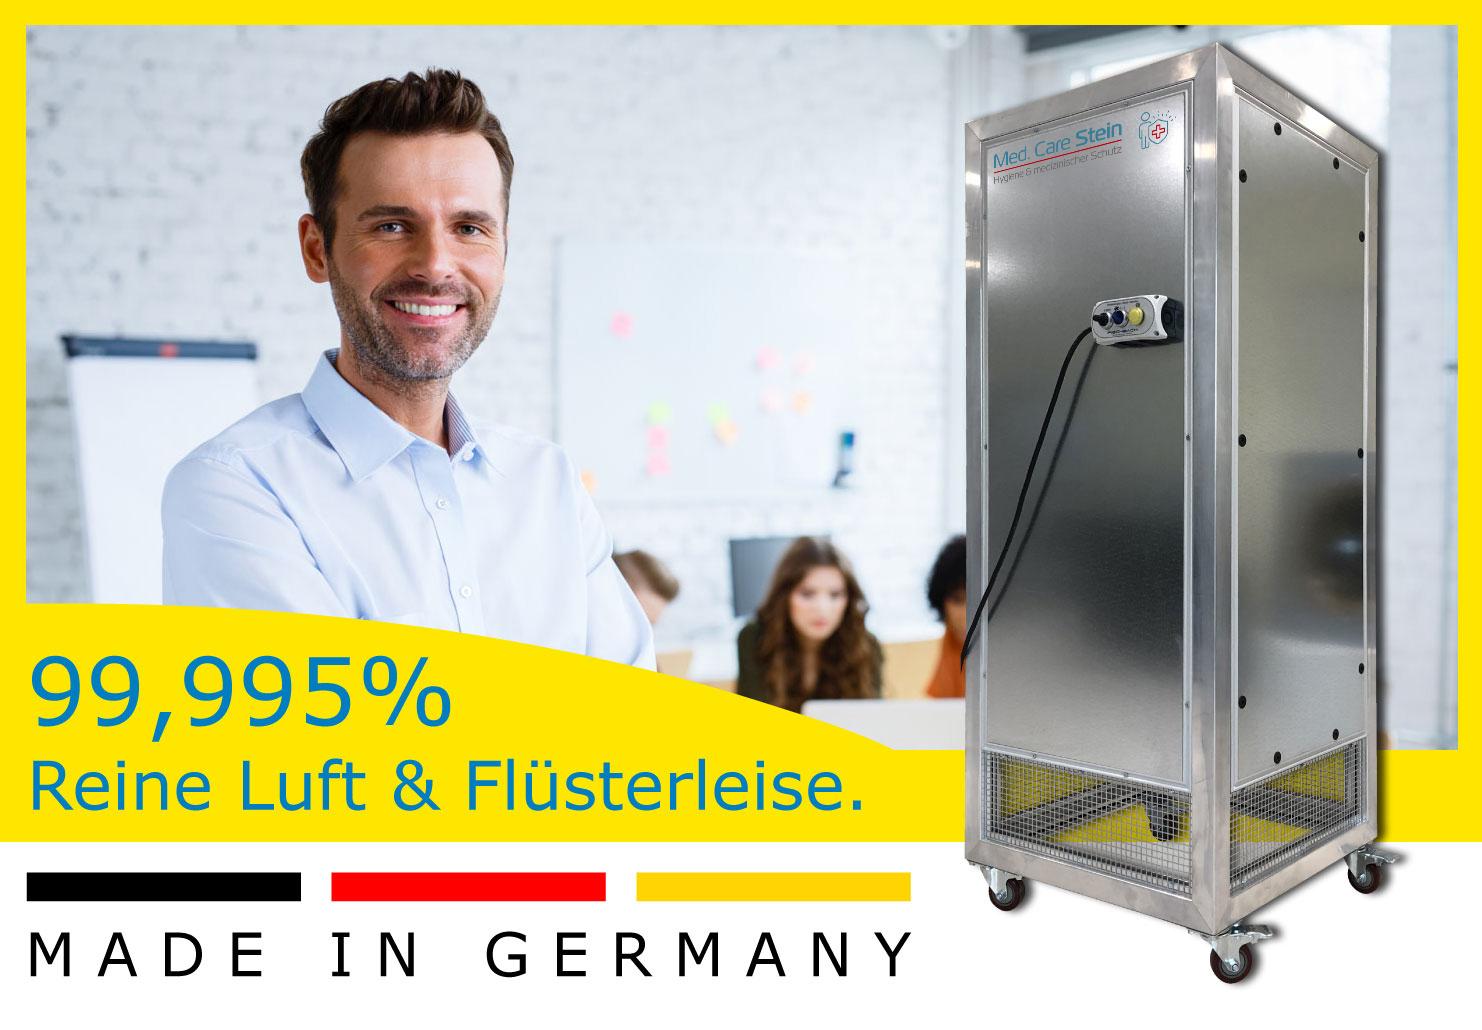 fischbach-luftreiniger-lrm-made-in-germany-1482x1030-101qXl9RNSANzt